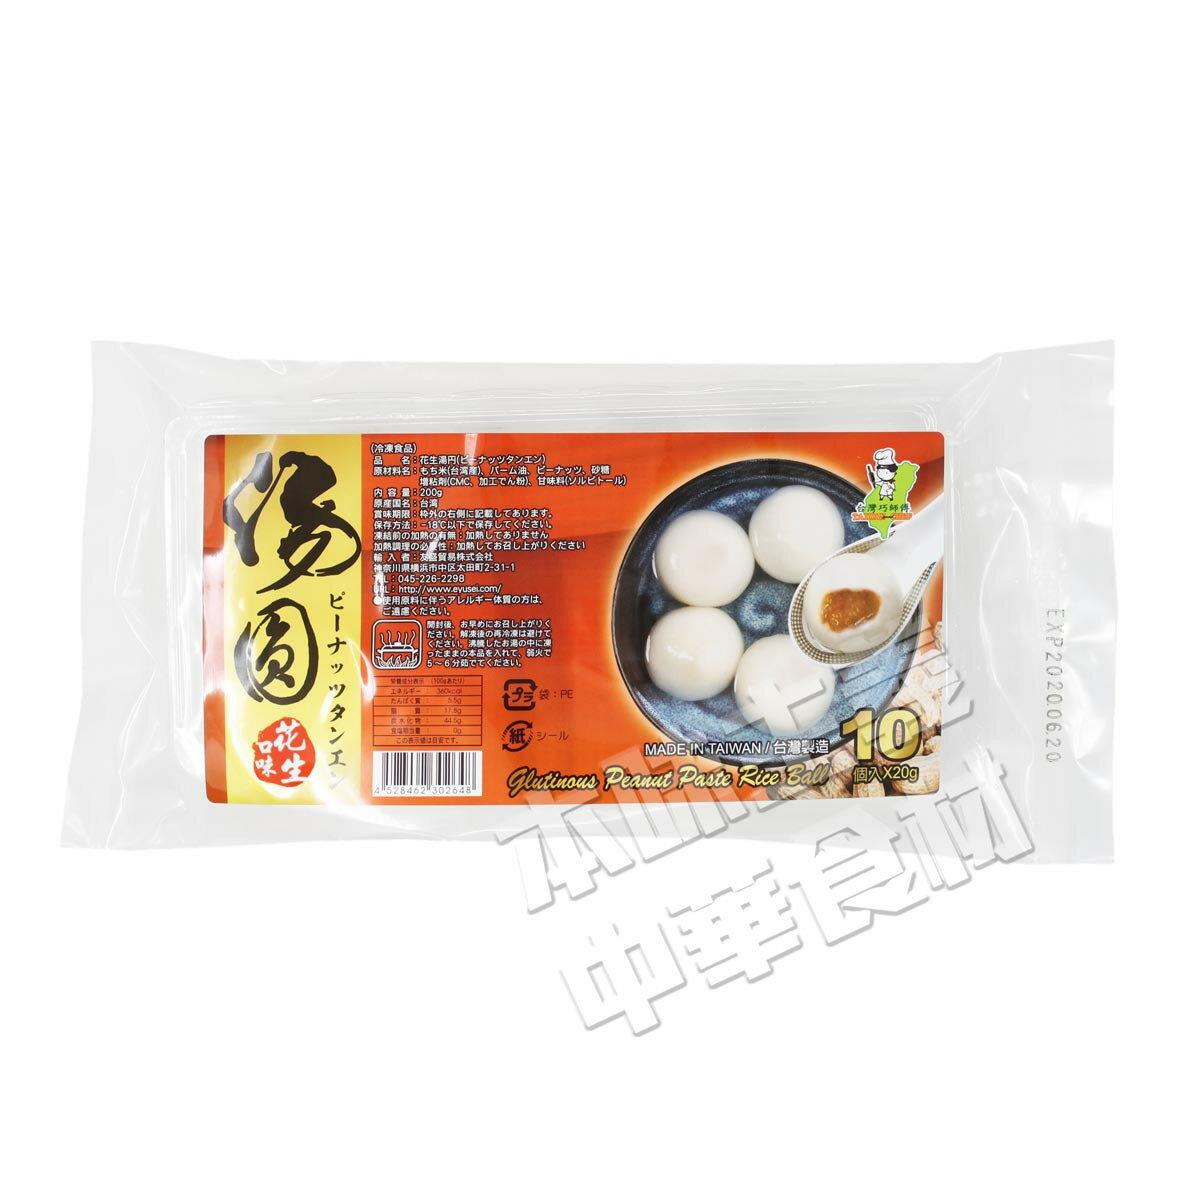 台湾白玉ピーナッツ大湯円(タンエン)200g 花生湯圓 ピーナッツタンエン 香脆花生 台湾風 お正月の定番 寒い中最適 中華点心 中華風デザート ふわふわもっちり美味しい